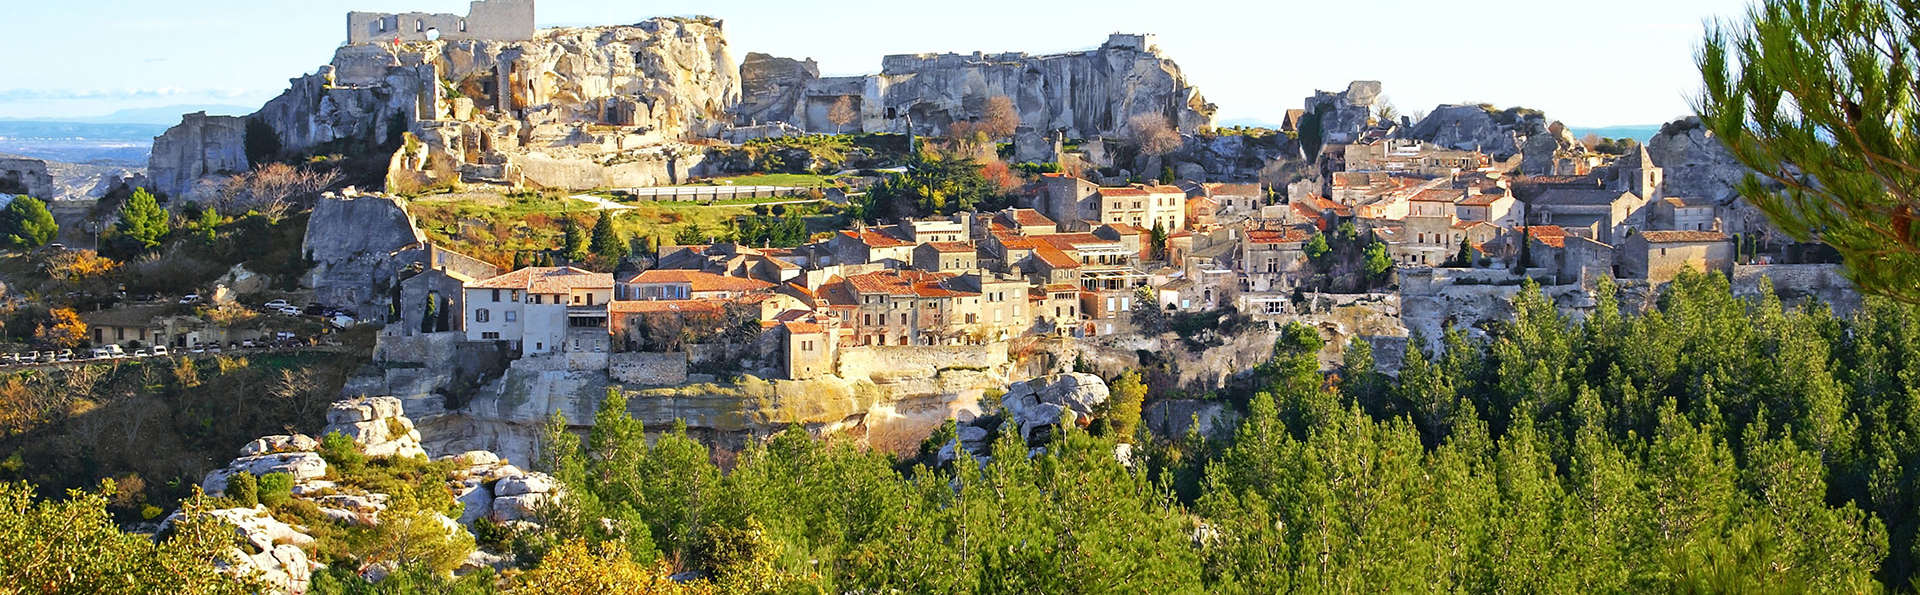 Château de Roussan - EDIT_Baux_de_Provence.jpg